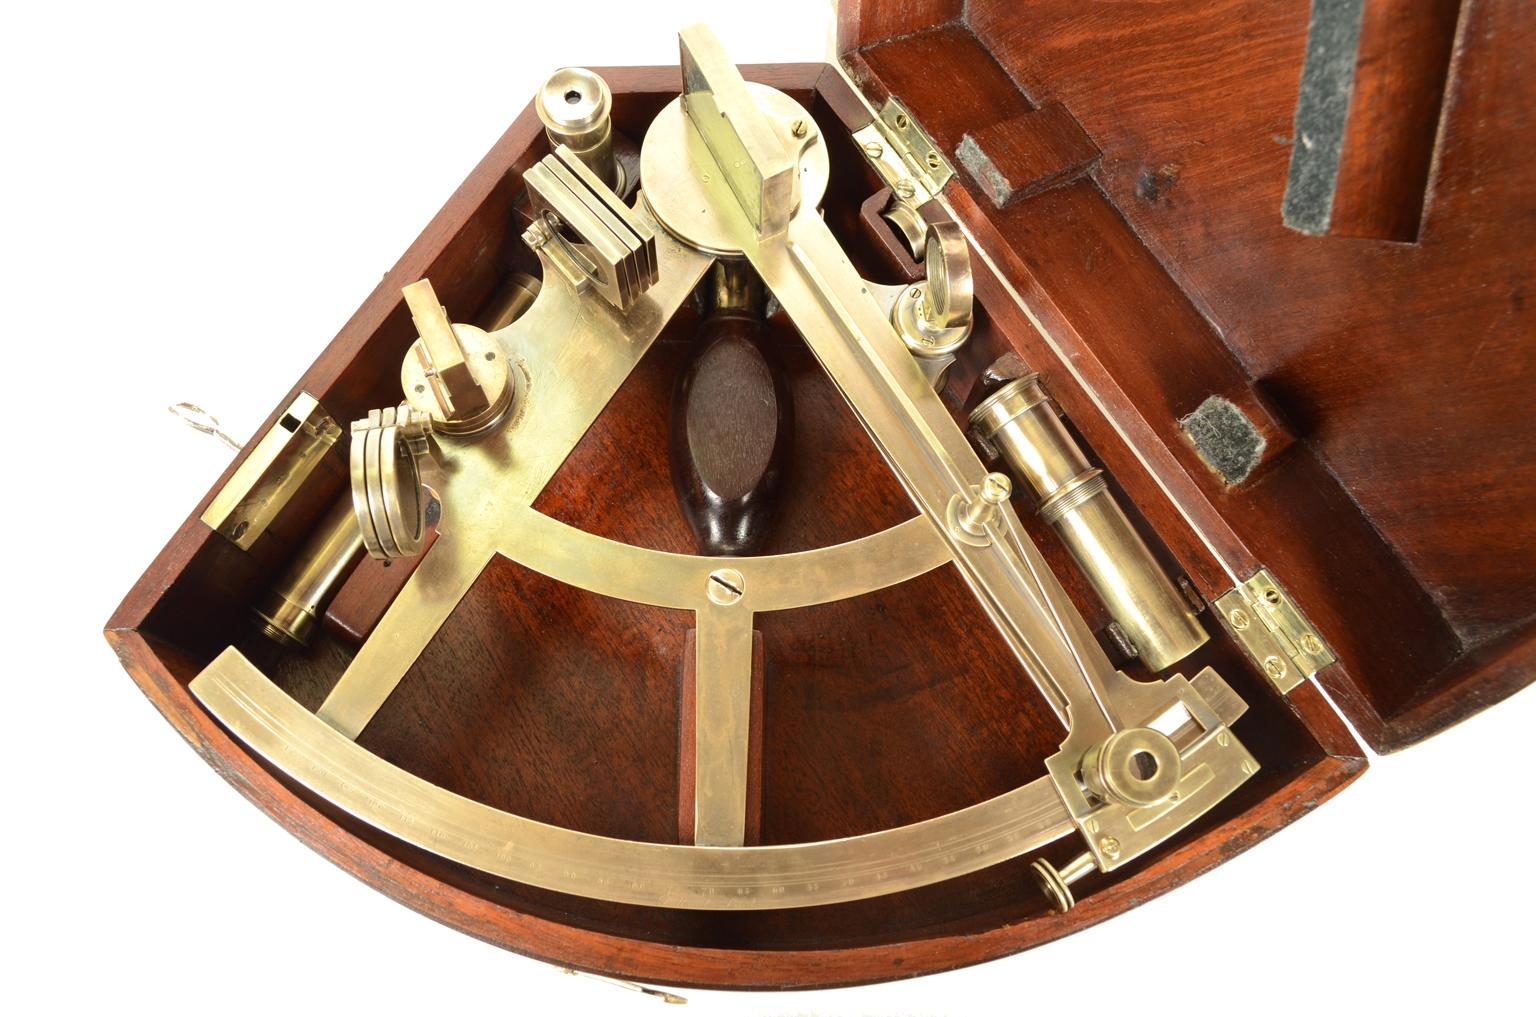 Storia del sestante, strumento ottico che h spostato i confini del mondo